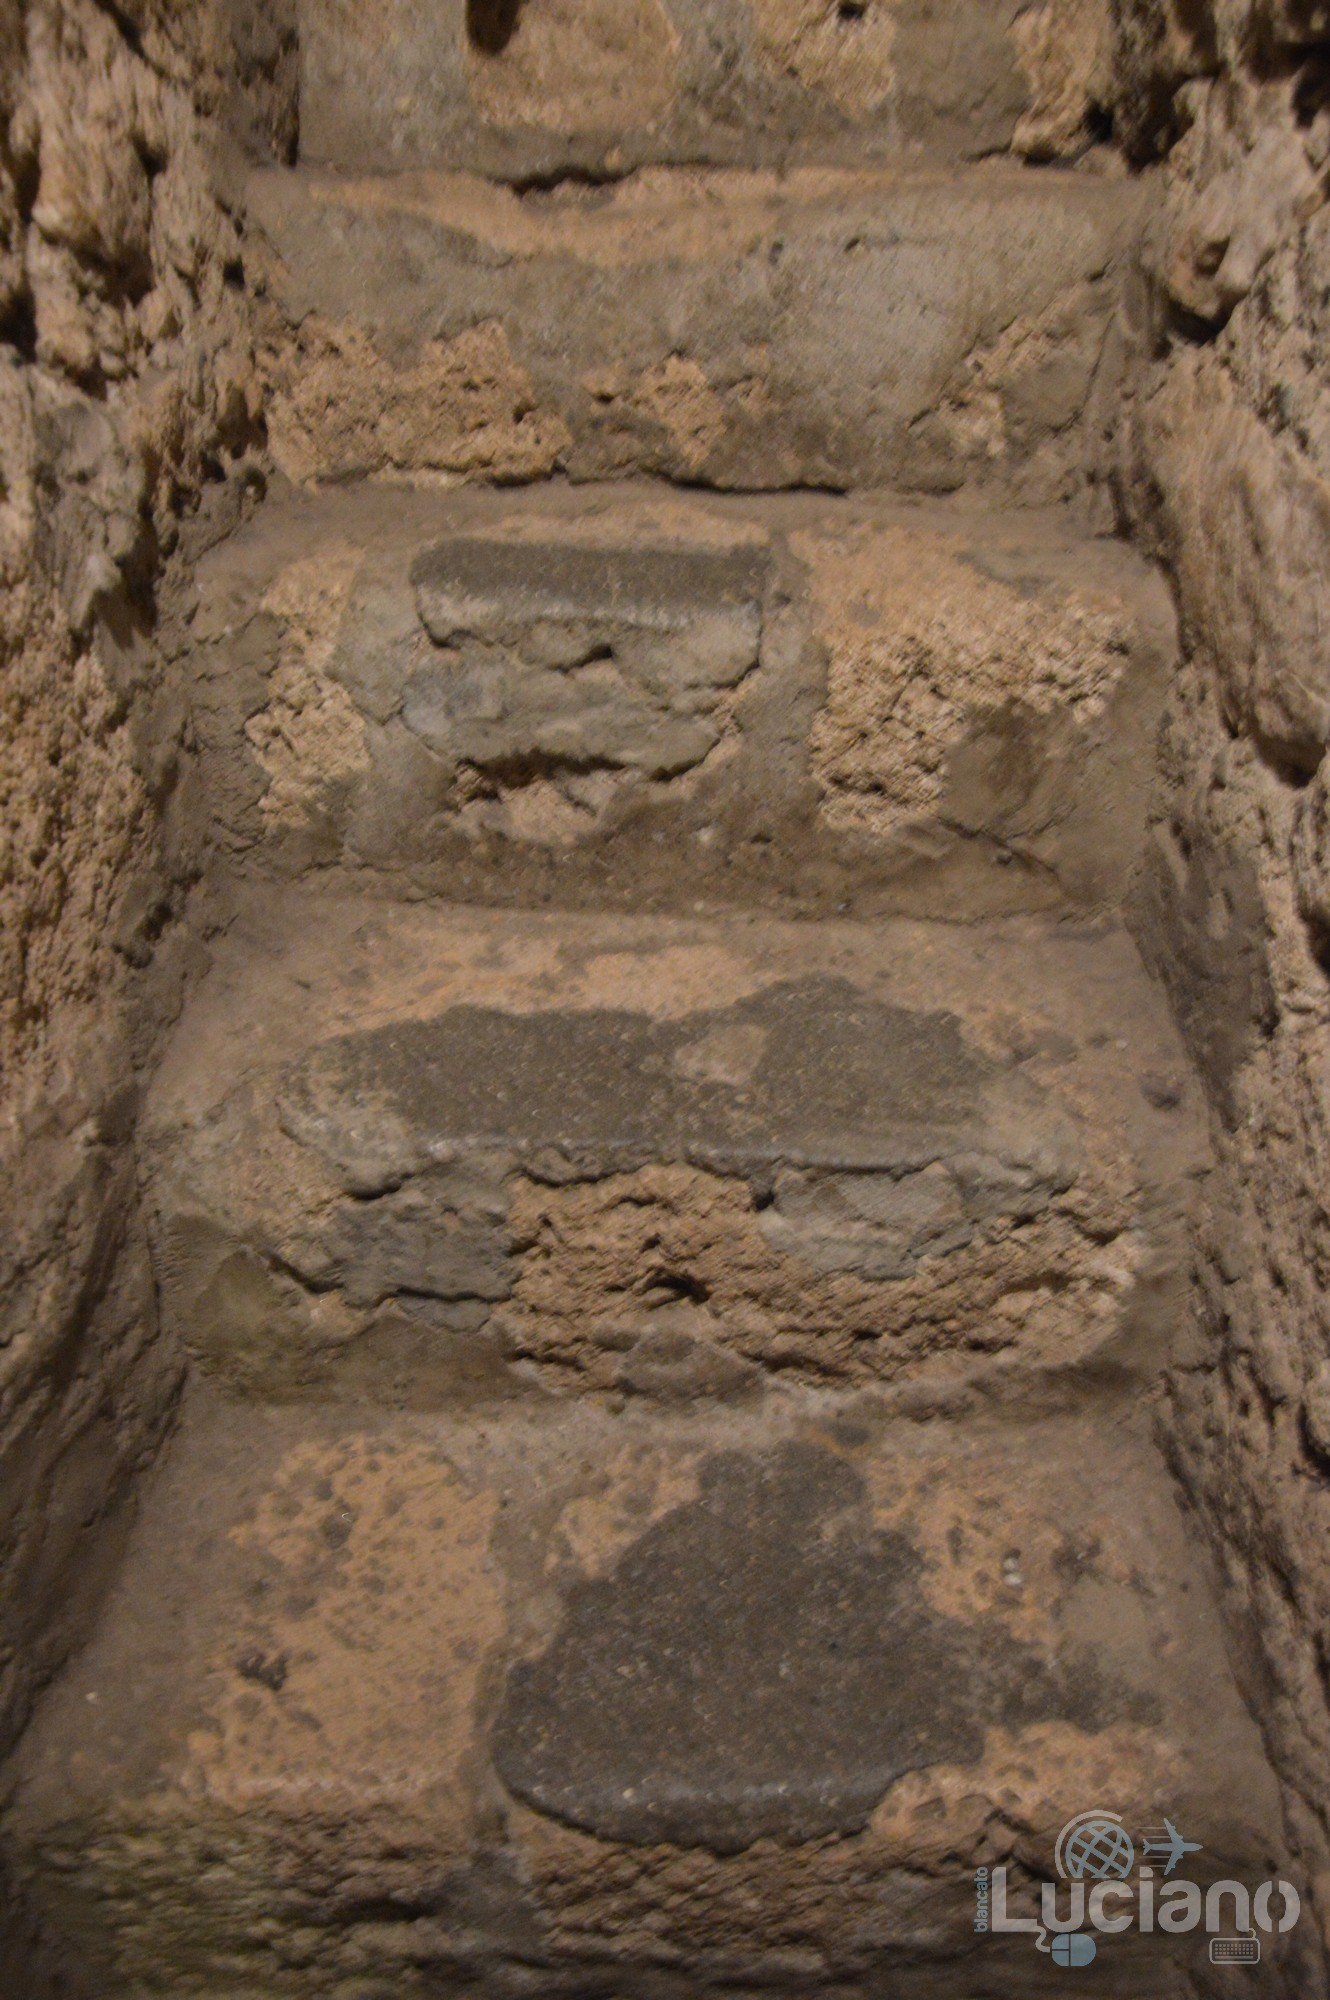 castello-di-dracula-castello-di-bran-luciano-blancato (52)